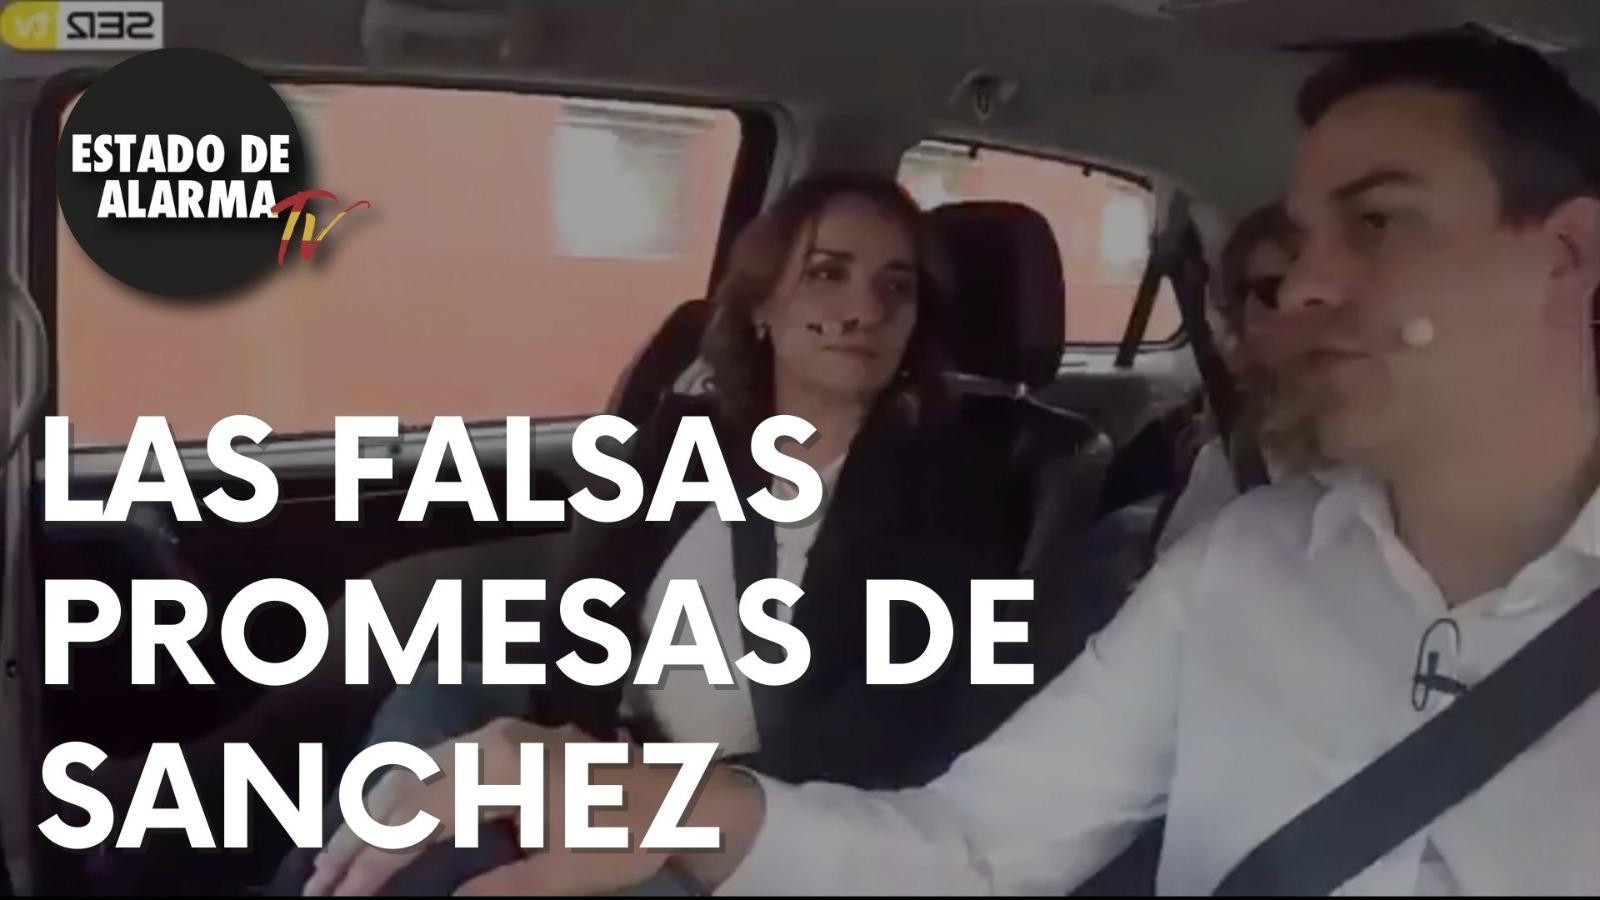 La FALSA PROMESA de Sánchez que se ha hecho VIRAL